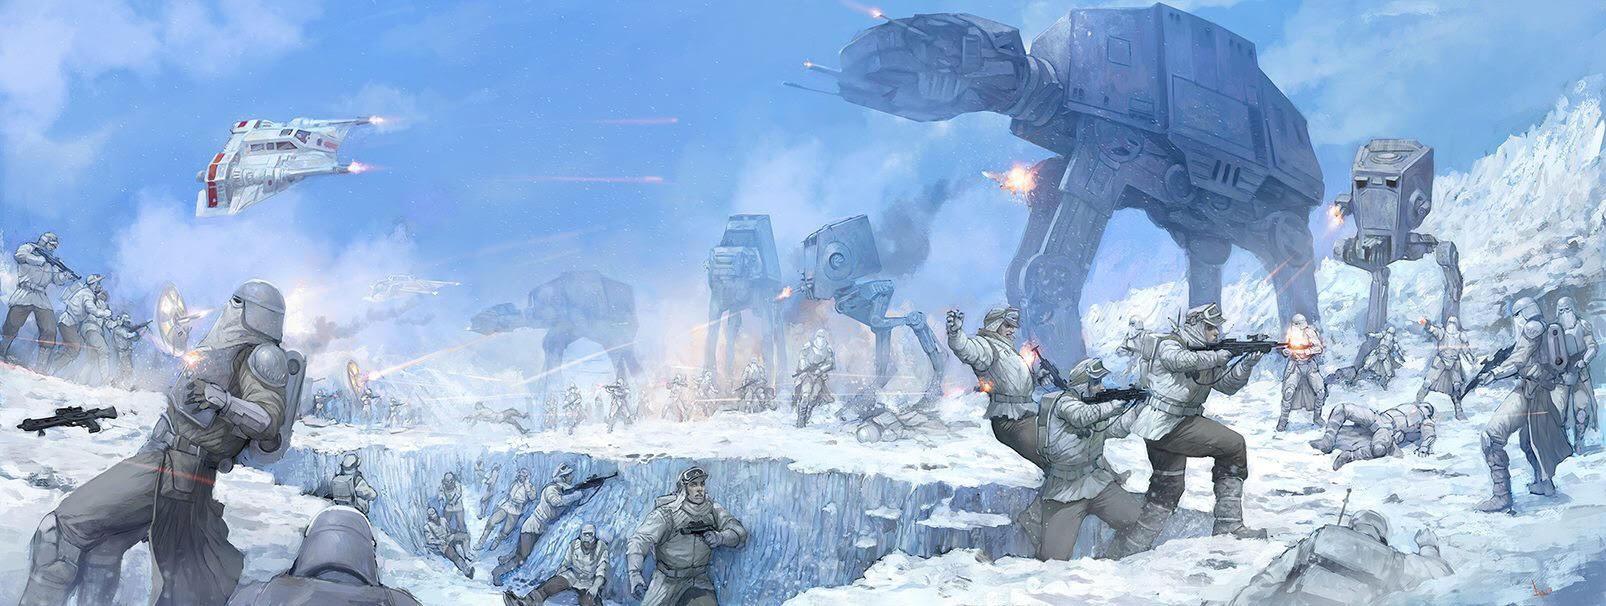 1880-battle-of-hoth-faroldjo